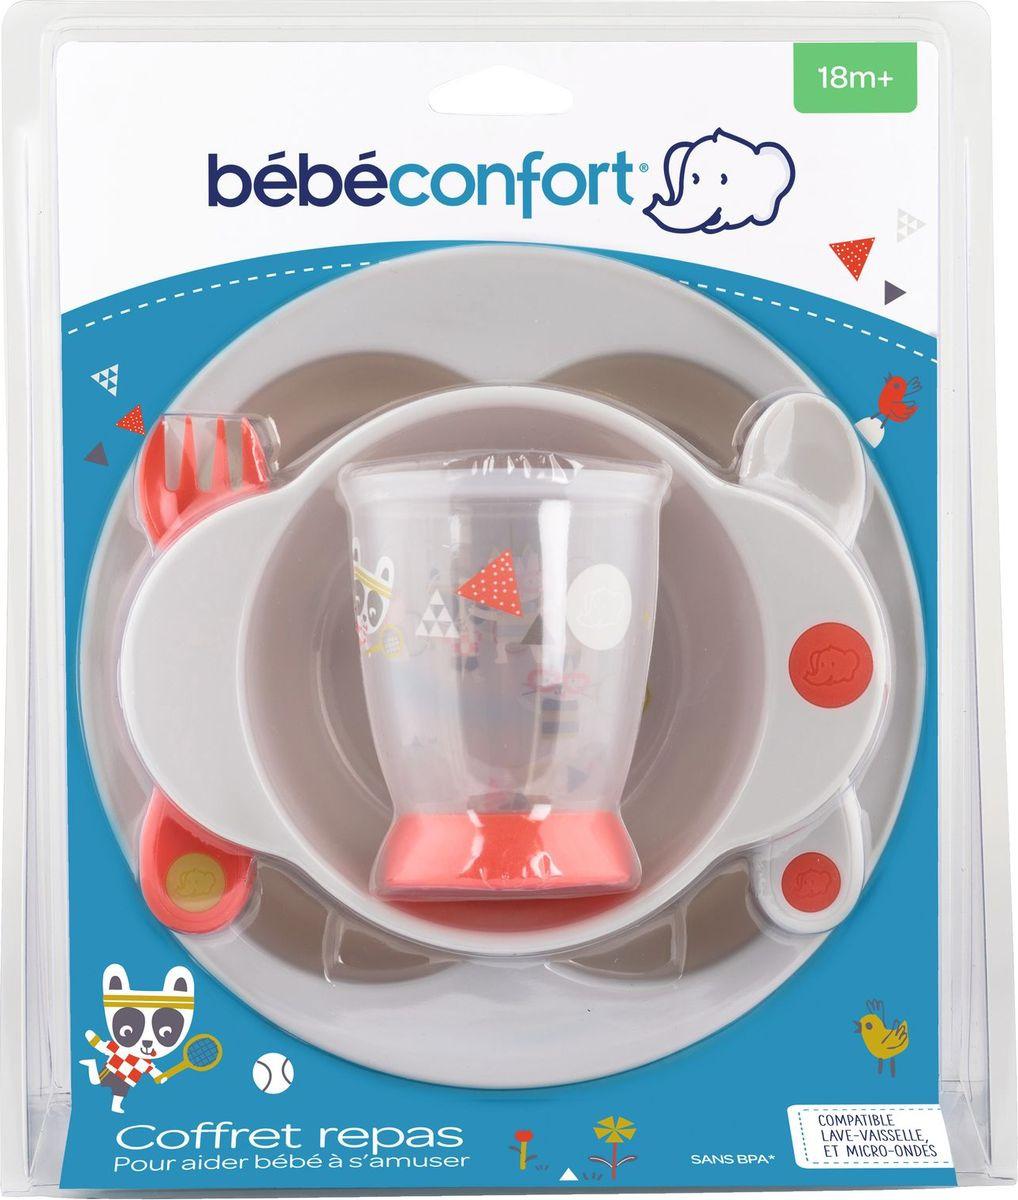 Набор посуды для кормления Bebe Confort Sport тарелка + миска + стаканчик + ложка + вилка, Полипропилен набор для кормления chicco ложка и вилка 12 310308027